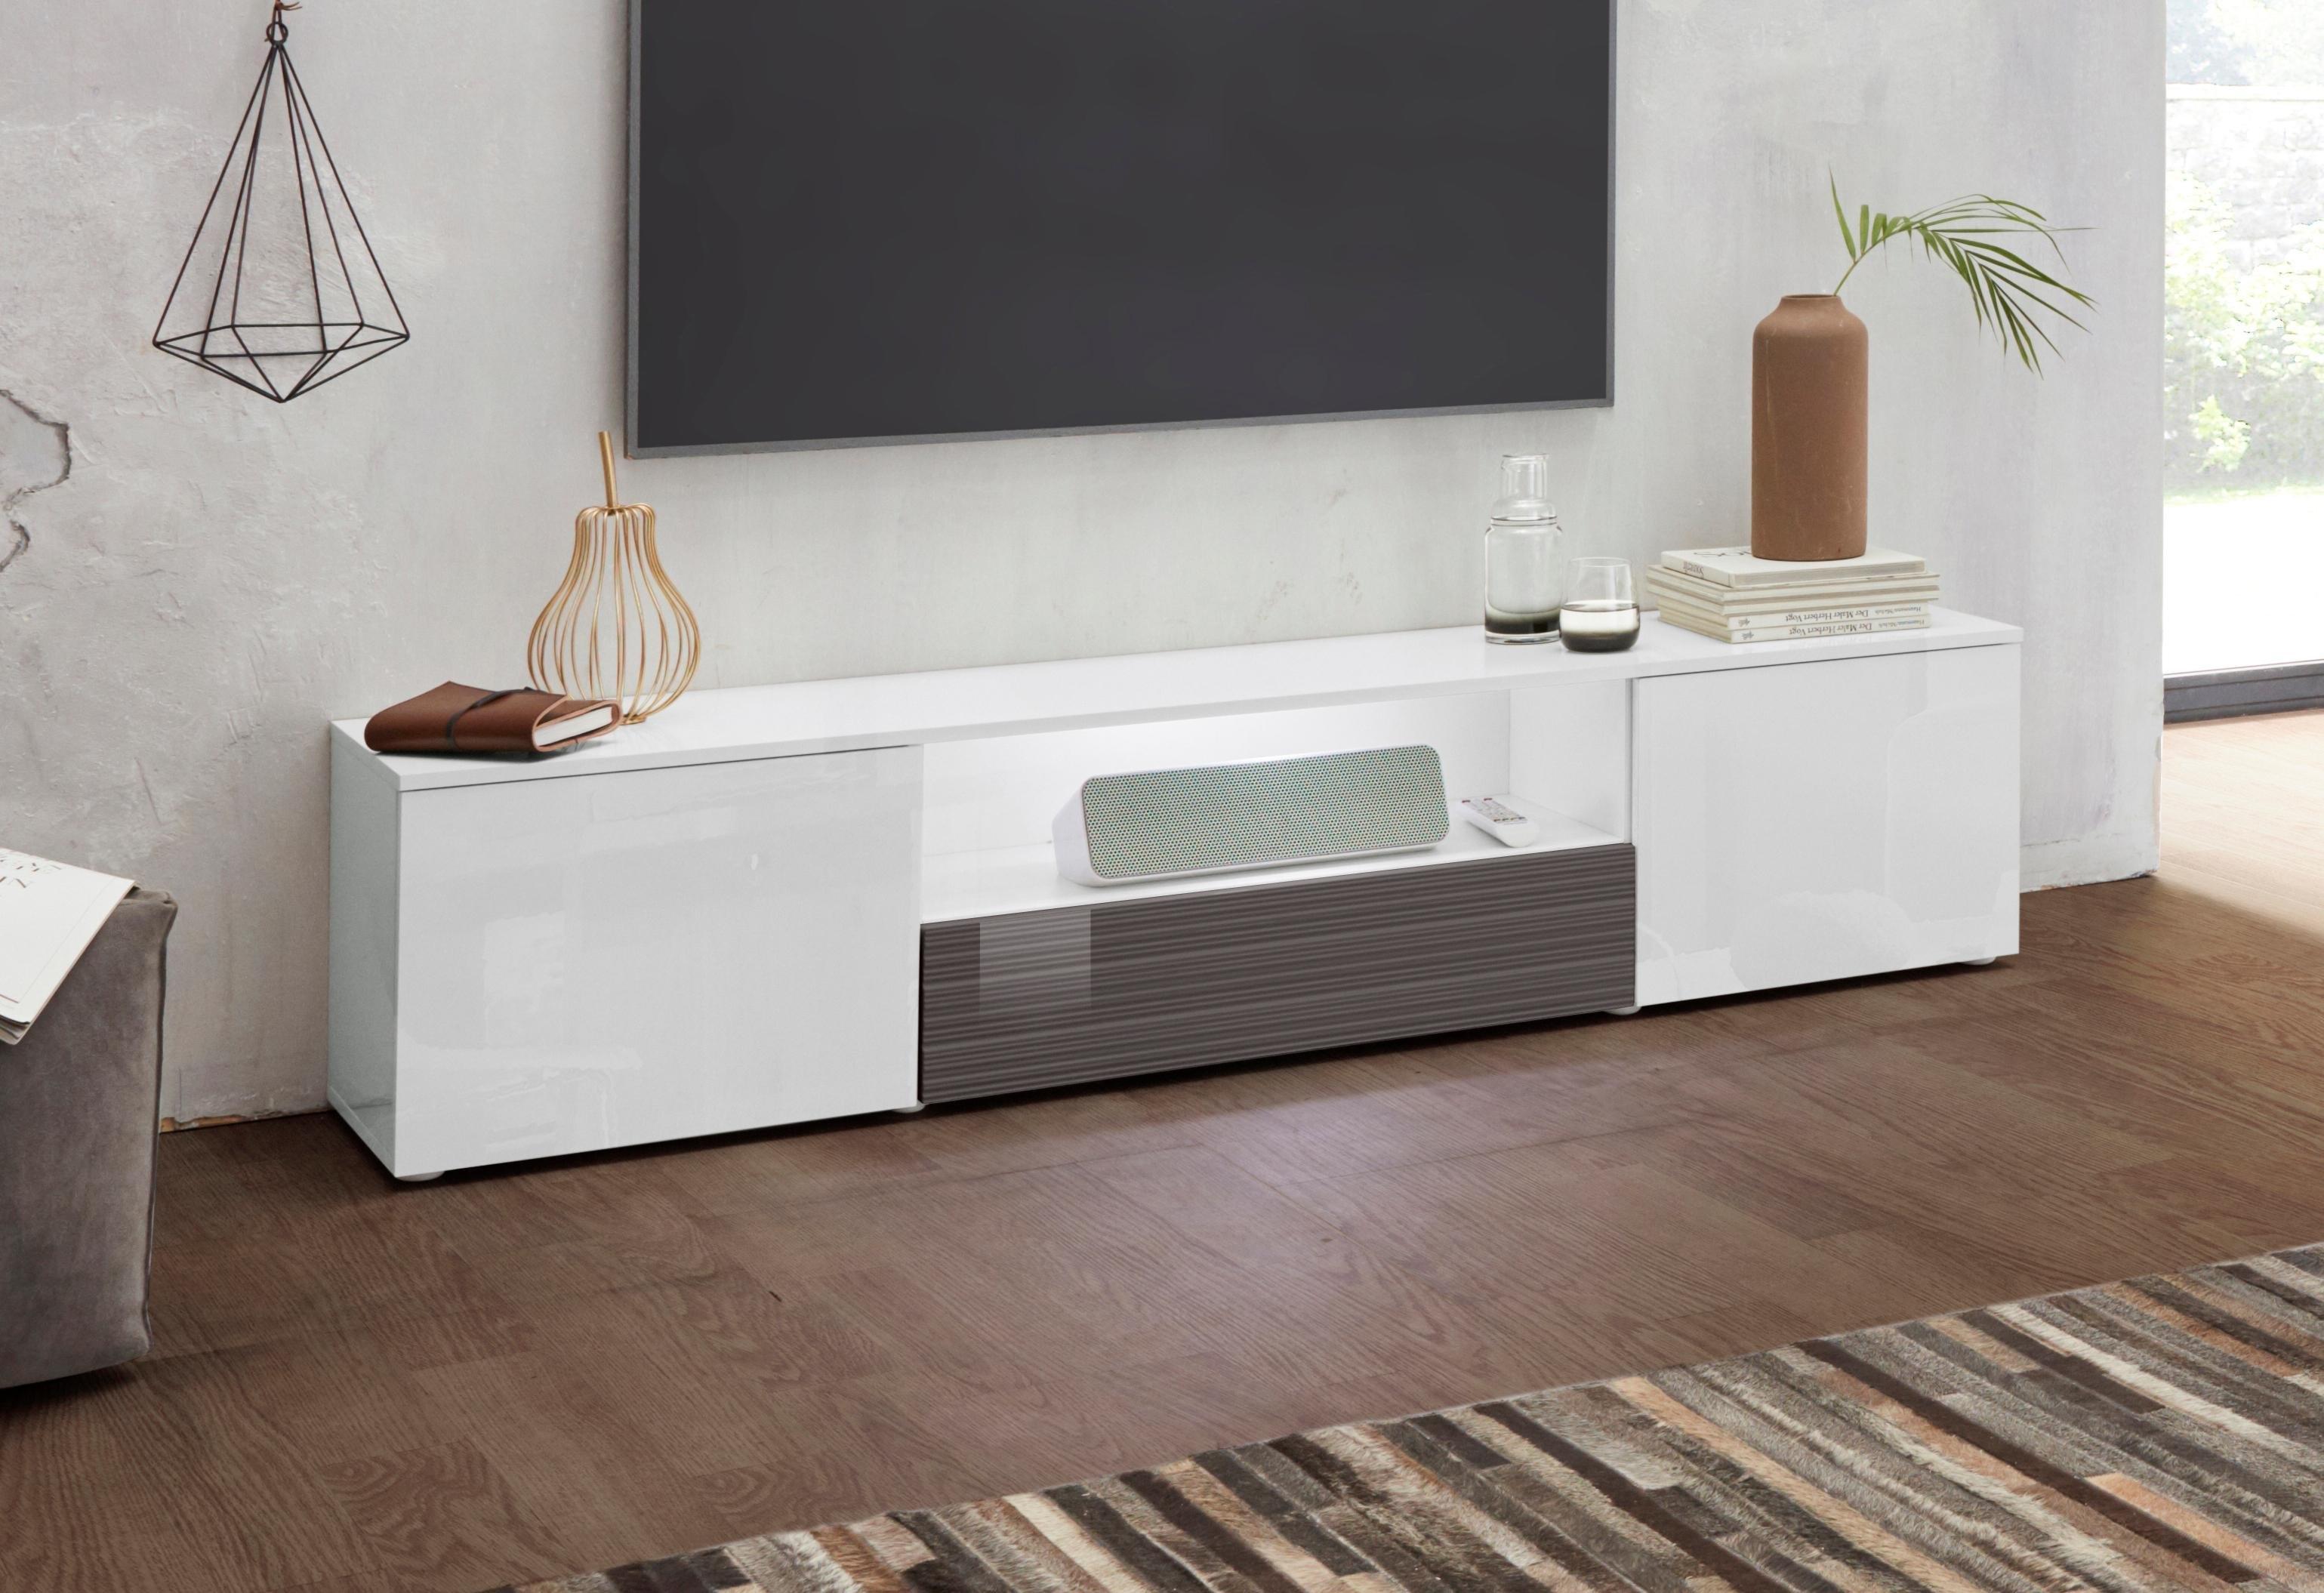 borchardt Möbel tv-meubel Savannah Breedte 166 cm nu online kopen bij OTTO